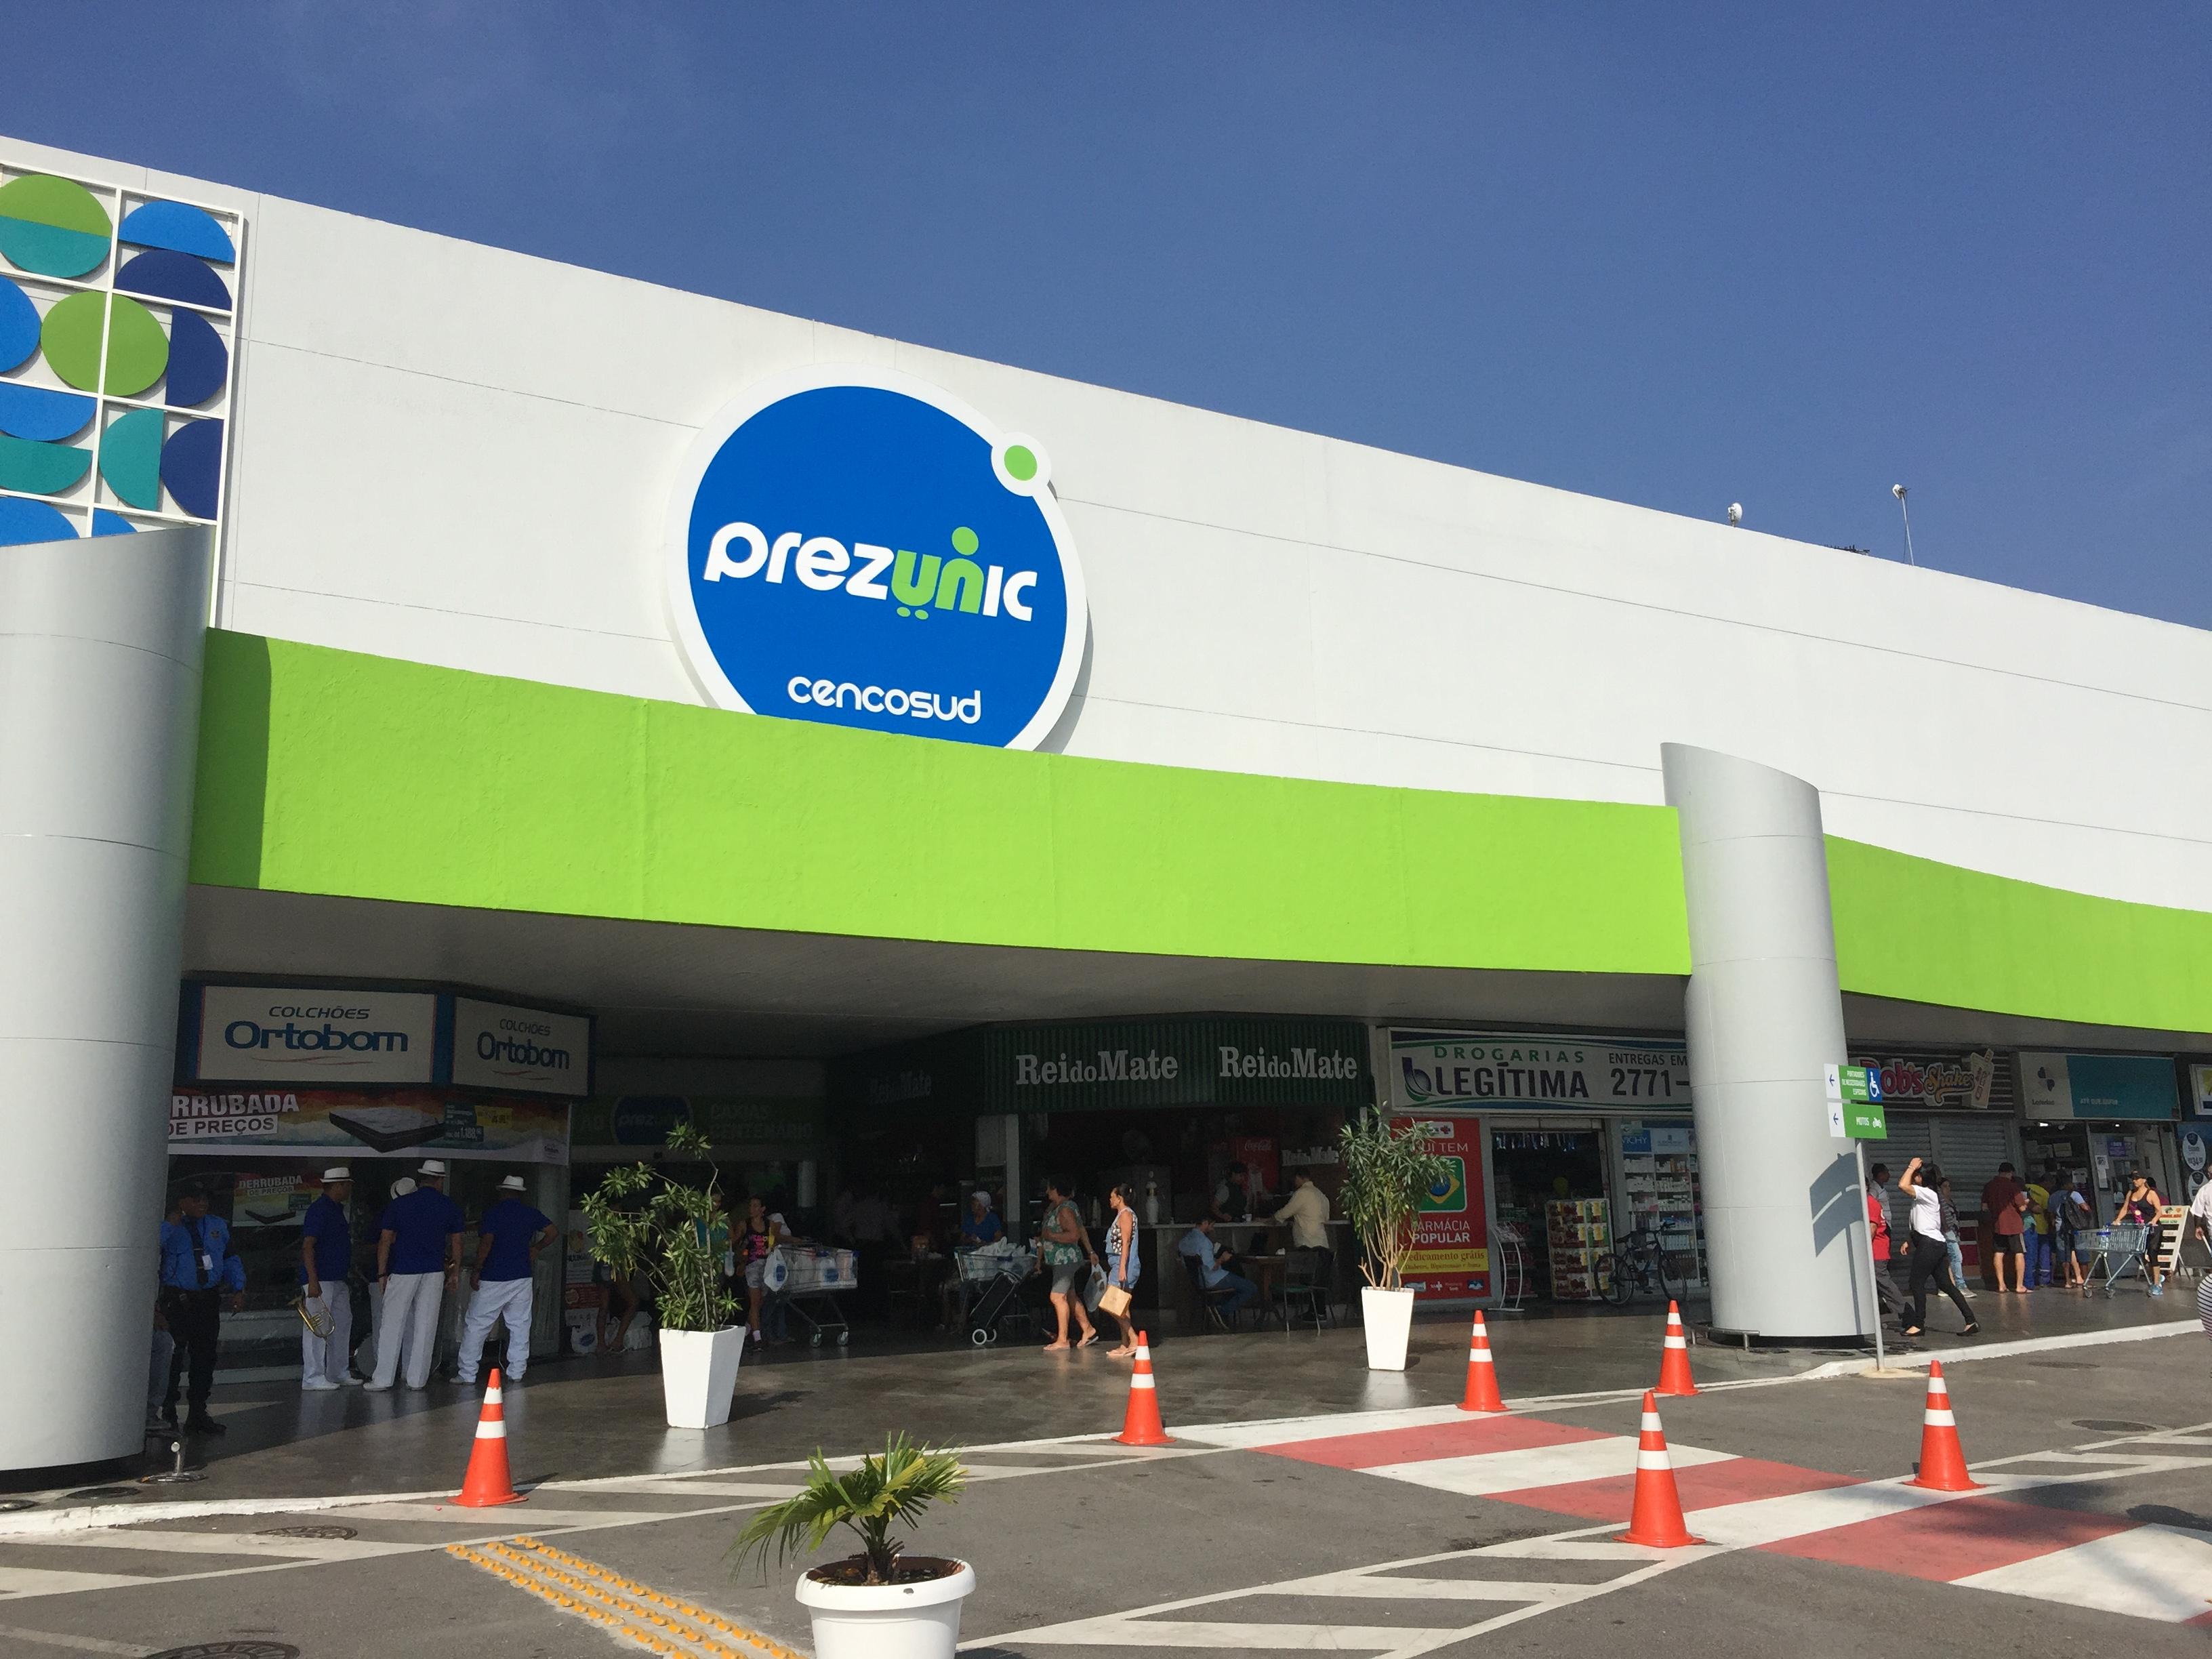 26feb3ef8bd Cencosud moderniza lojas do Prezunic no Rio de Janeiro...